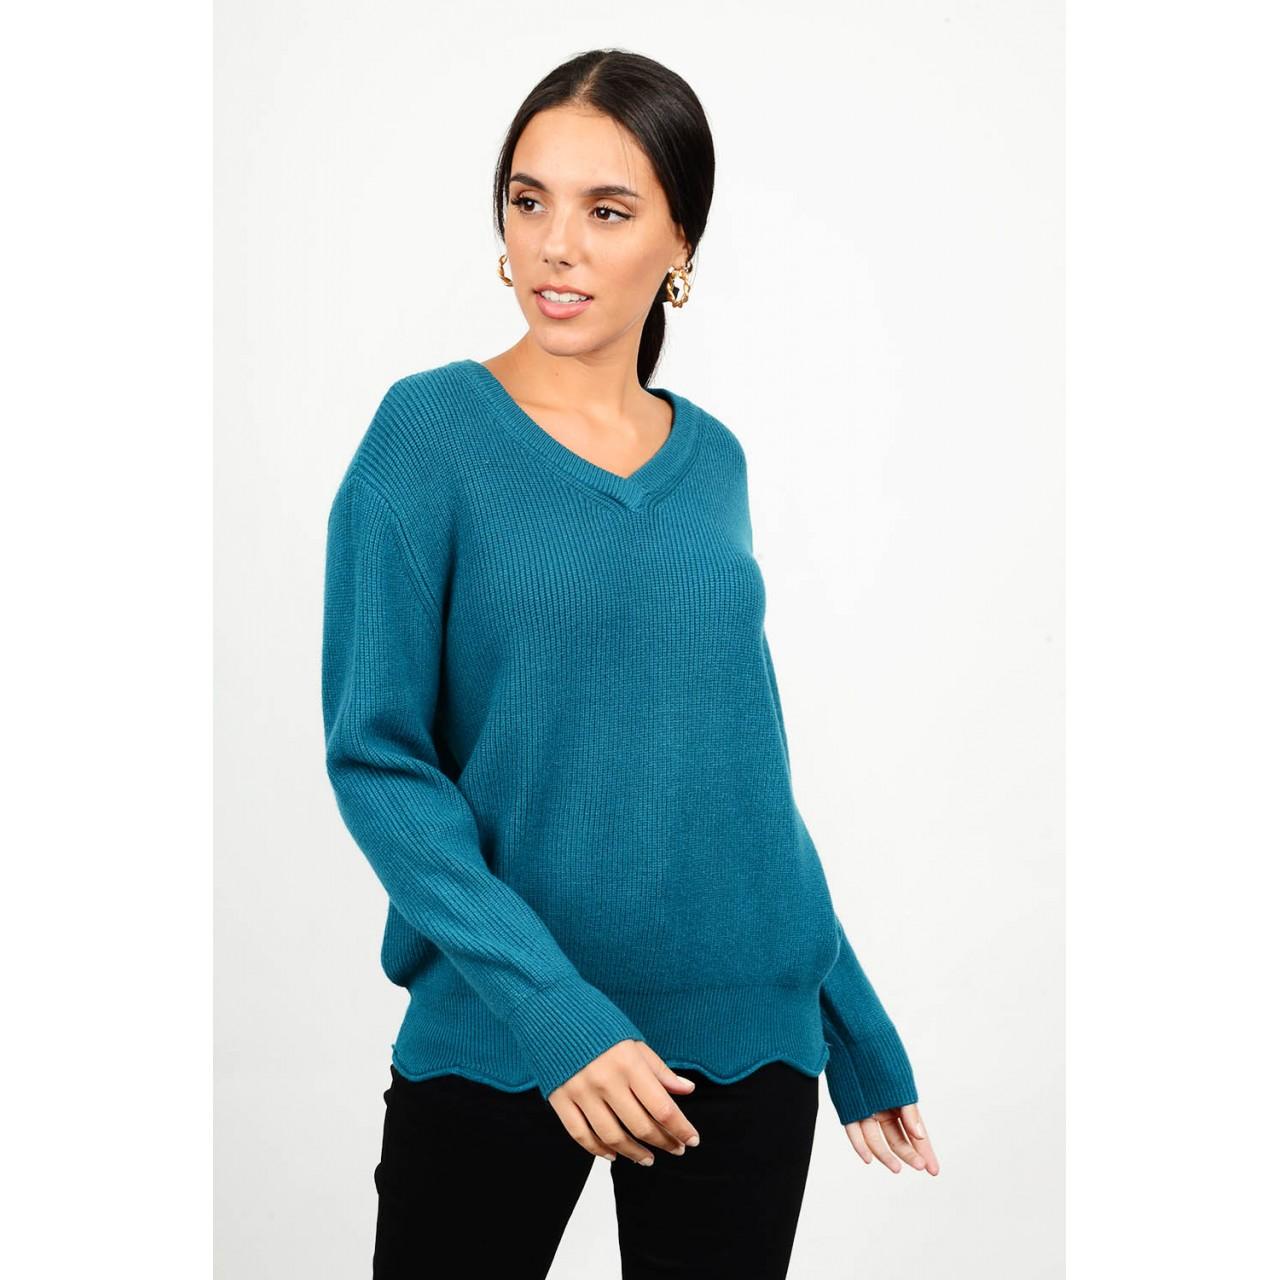 Oversized knit with v neck